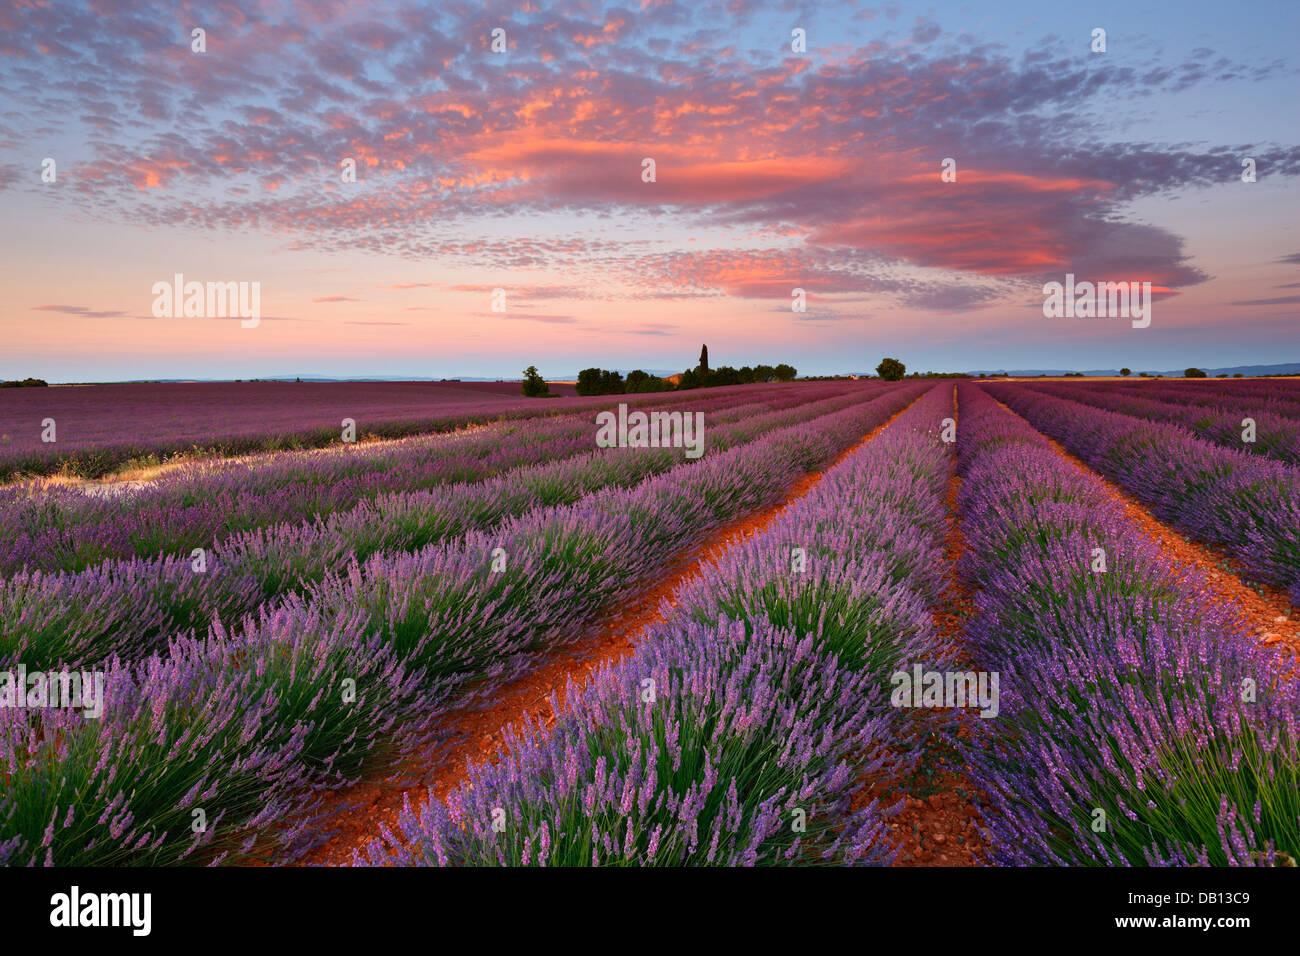 Sonnenaufgang mit schönen Wolken über Lavendelfeld, Provence, Frankreich Stockbild